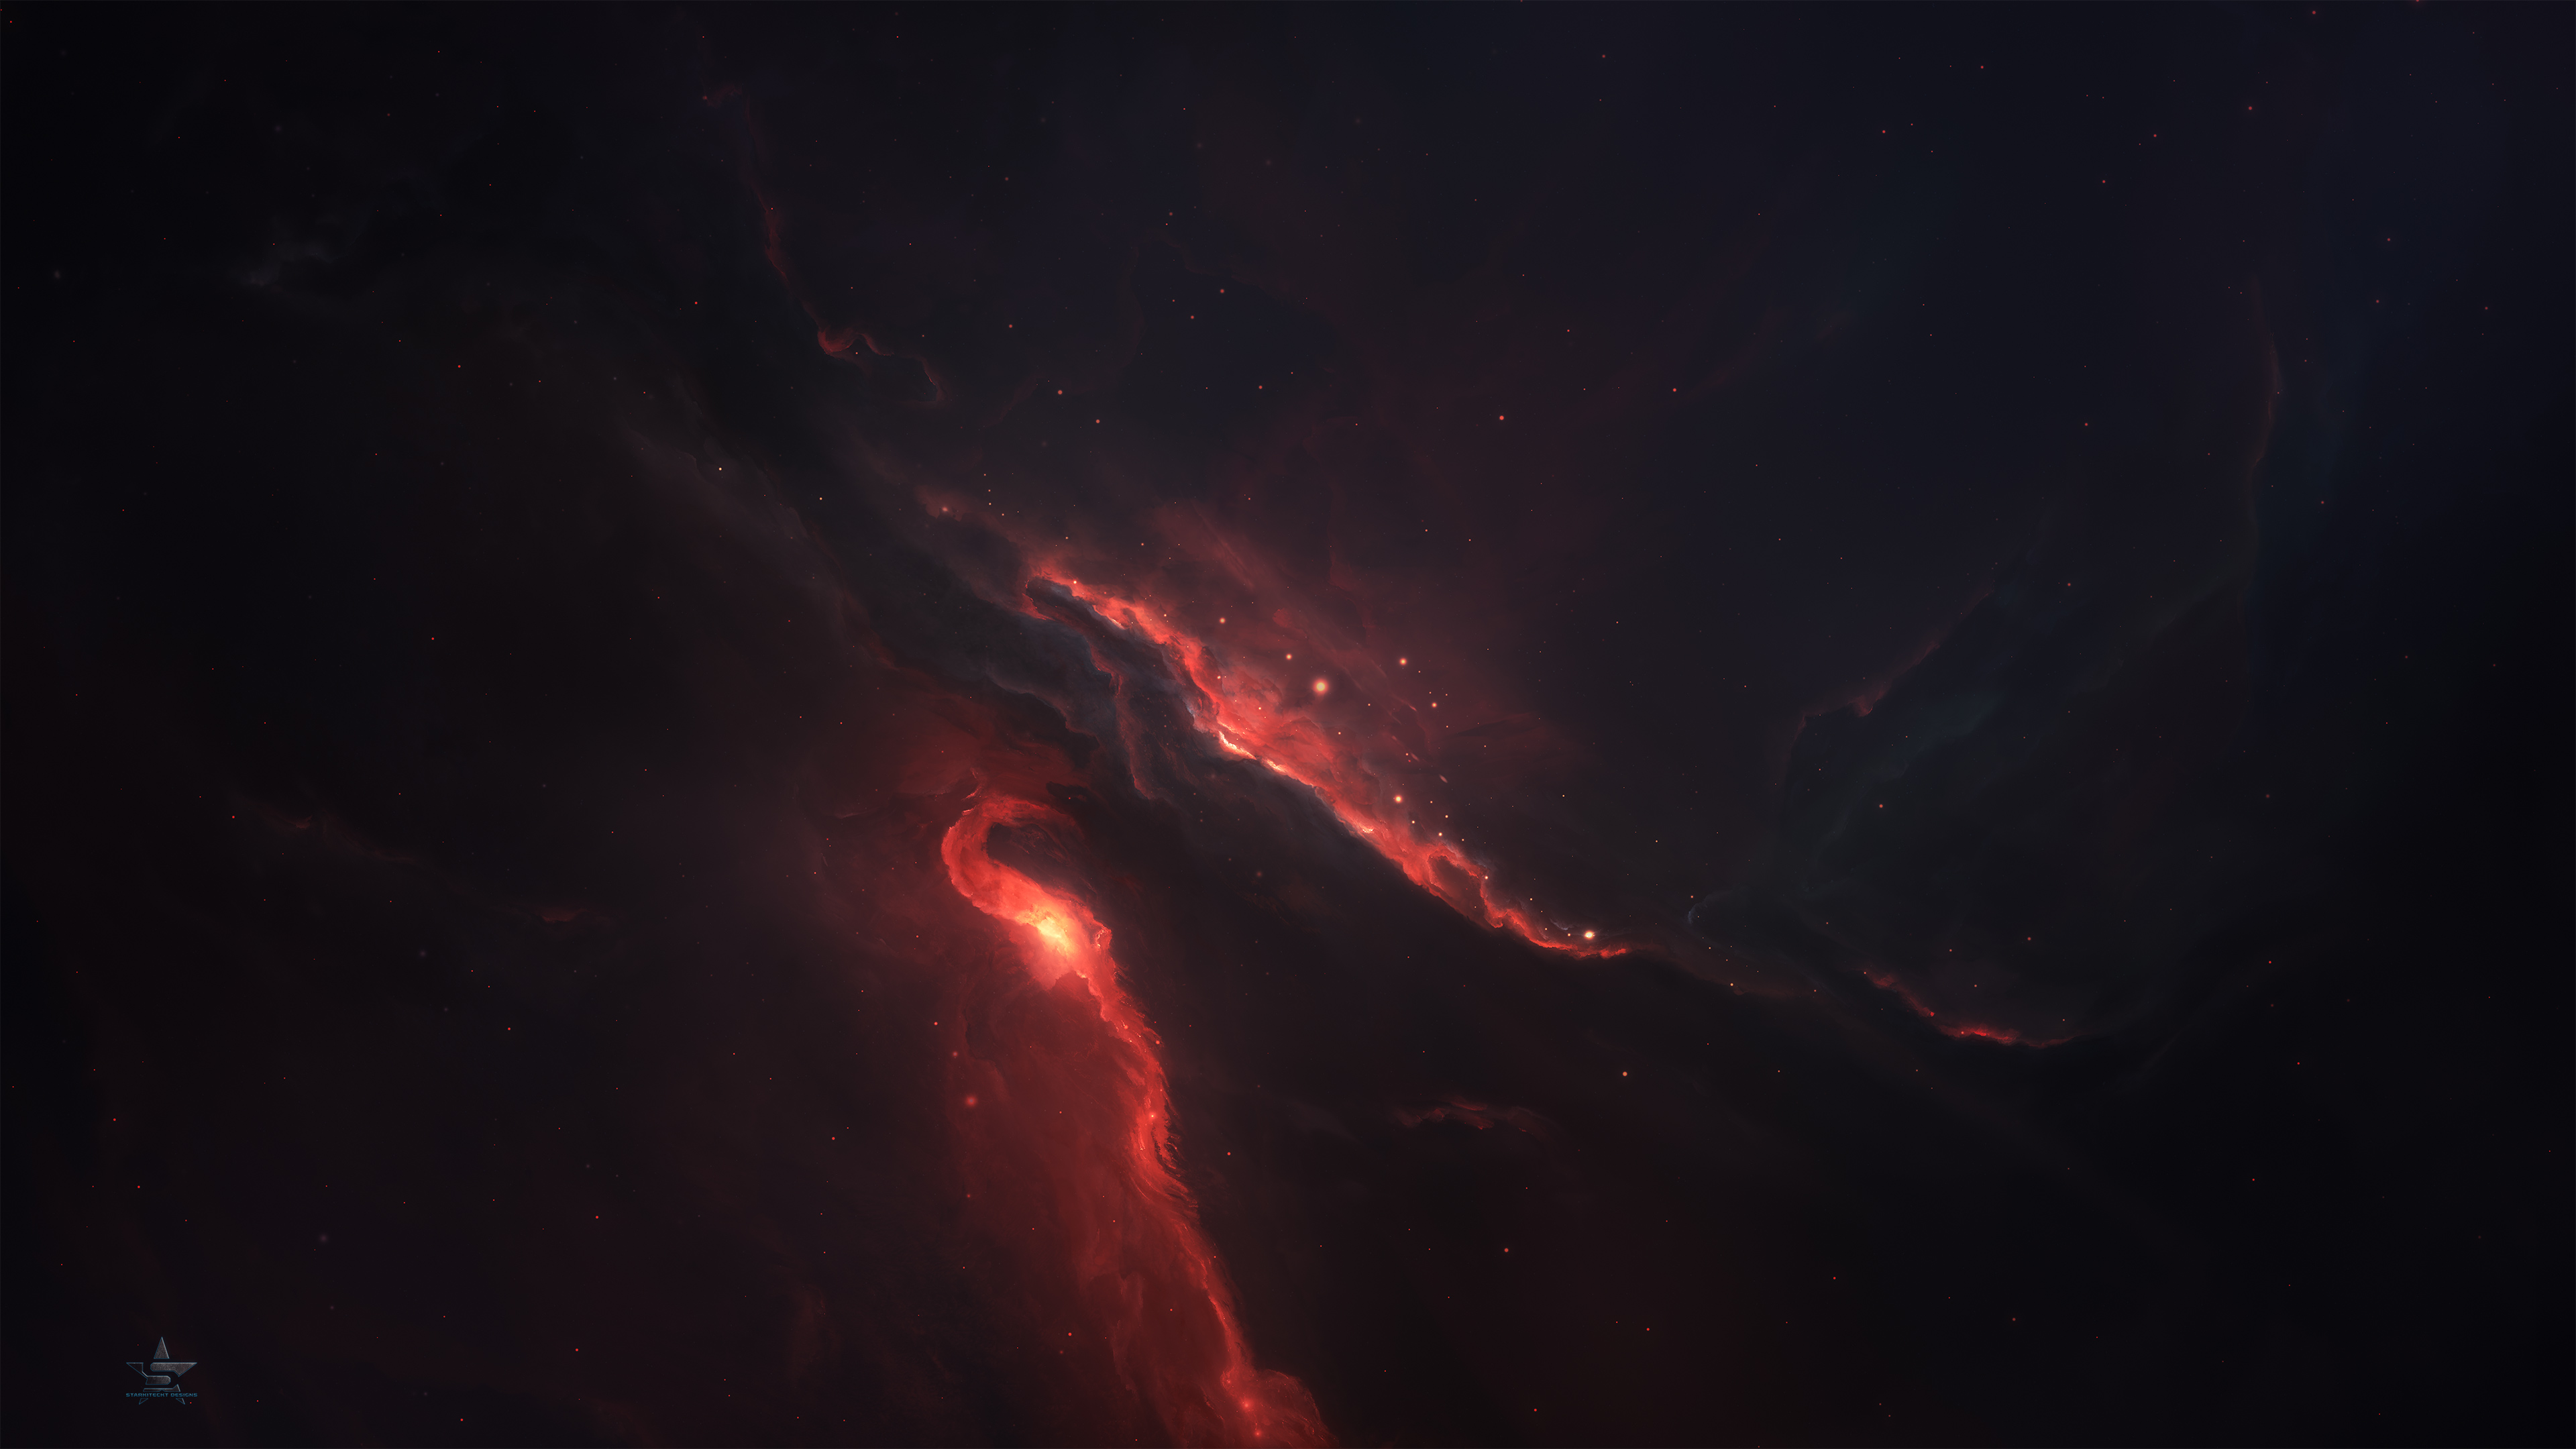 nebula space scenery 4k 1546279331 - Nebula Space Scenery 4k - space wallpapers, nebula wallpapers, hd-wallpapers, digital universe wallpapers, deviantart wallpapers, 4k-wallpapers